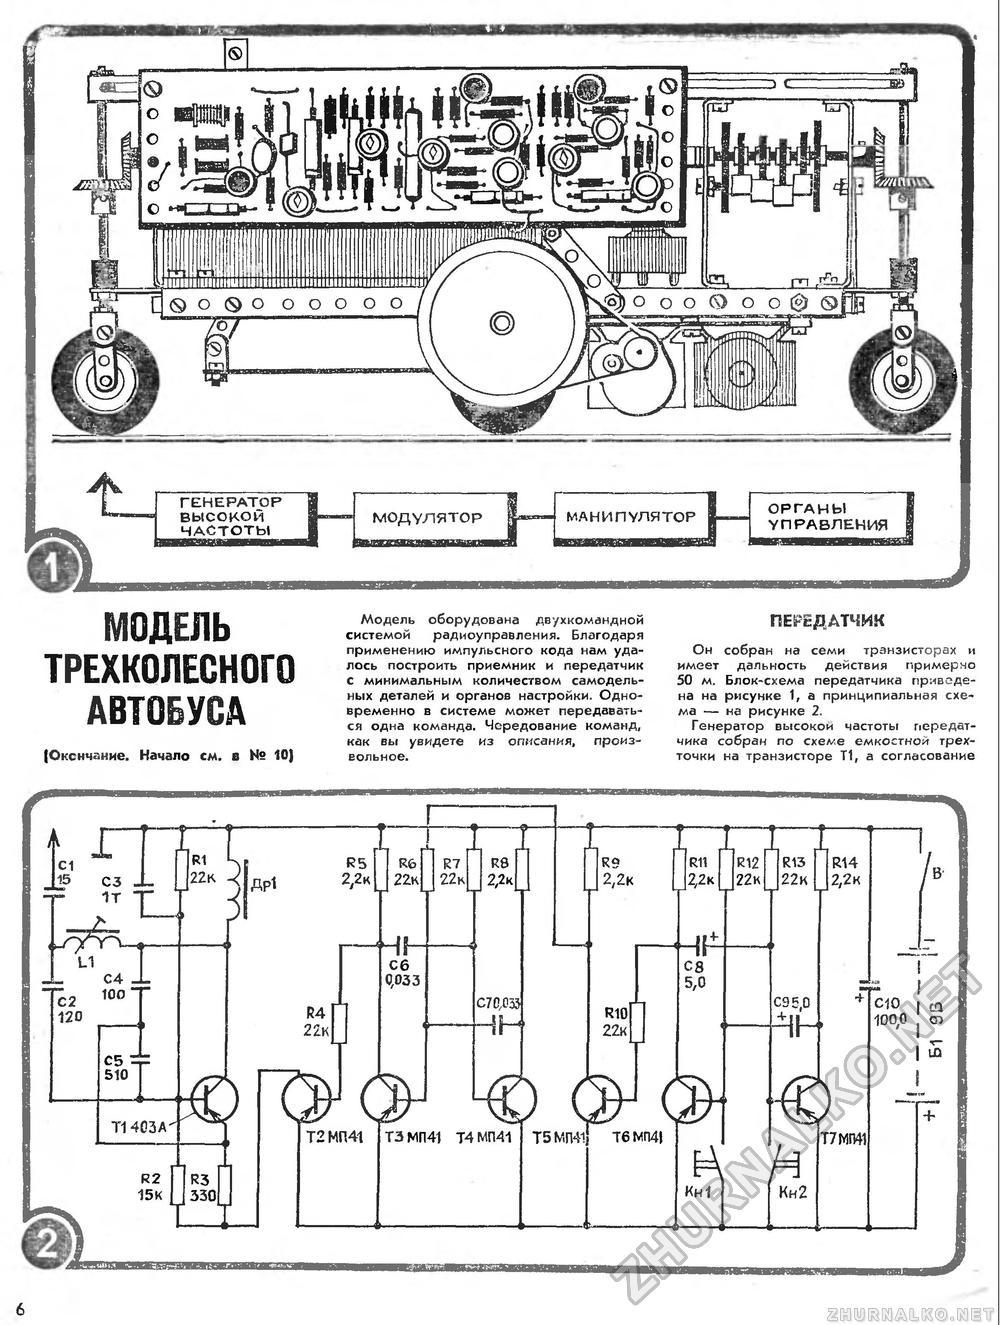 Двухкомандное радиоуправление своими руками